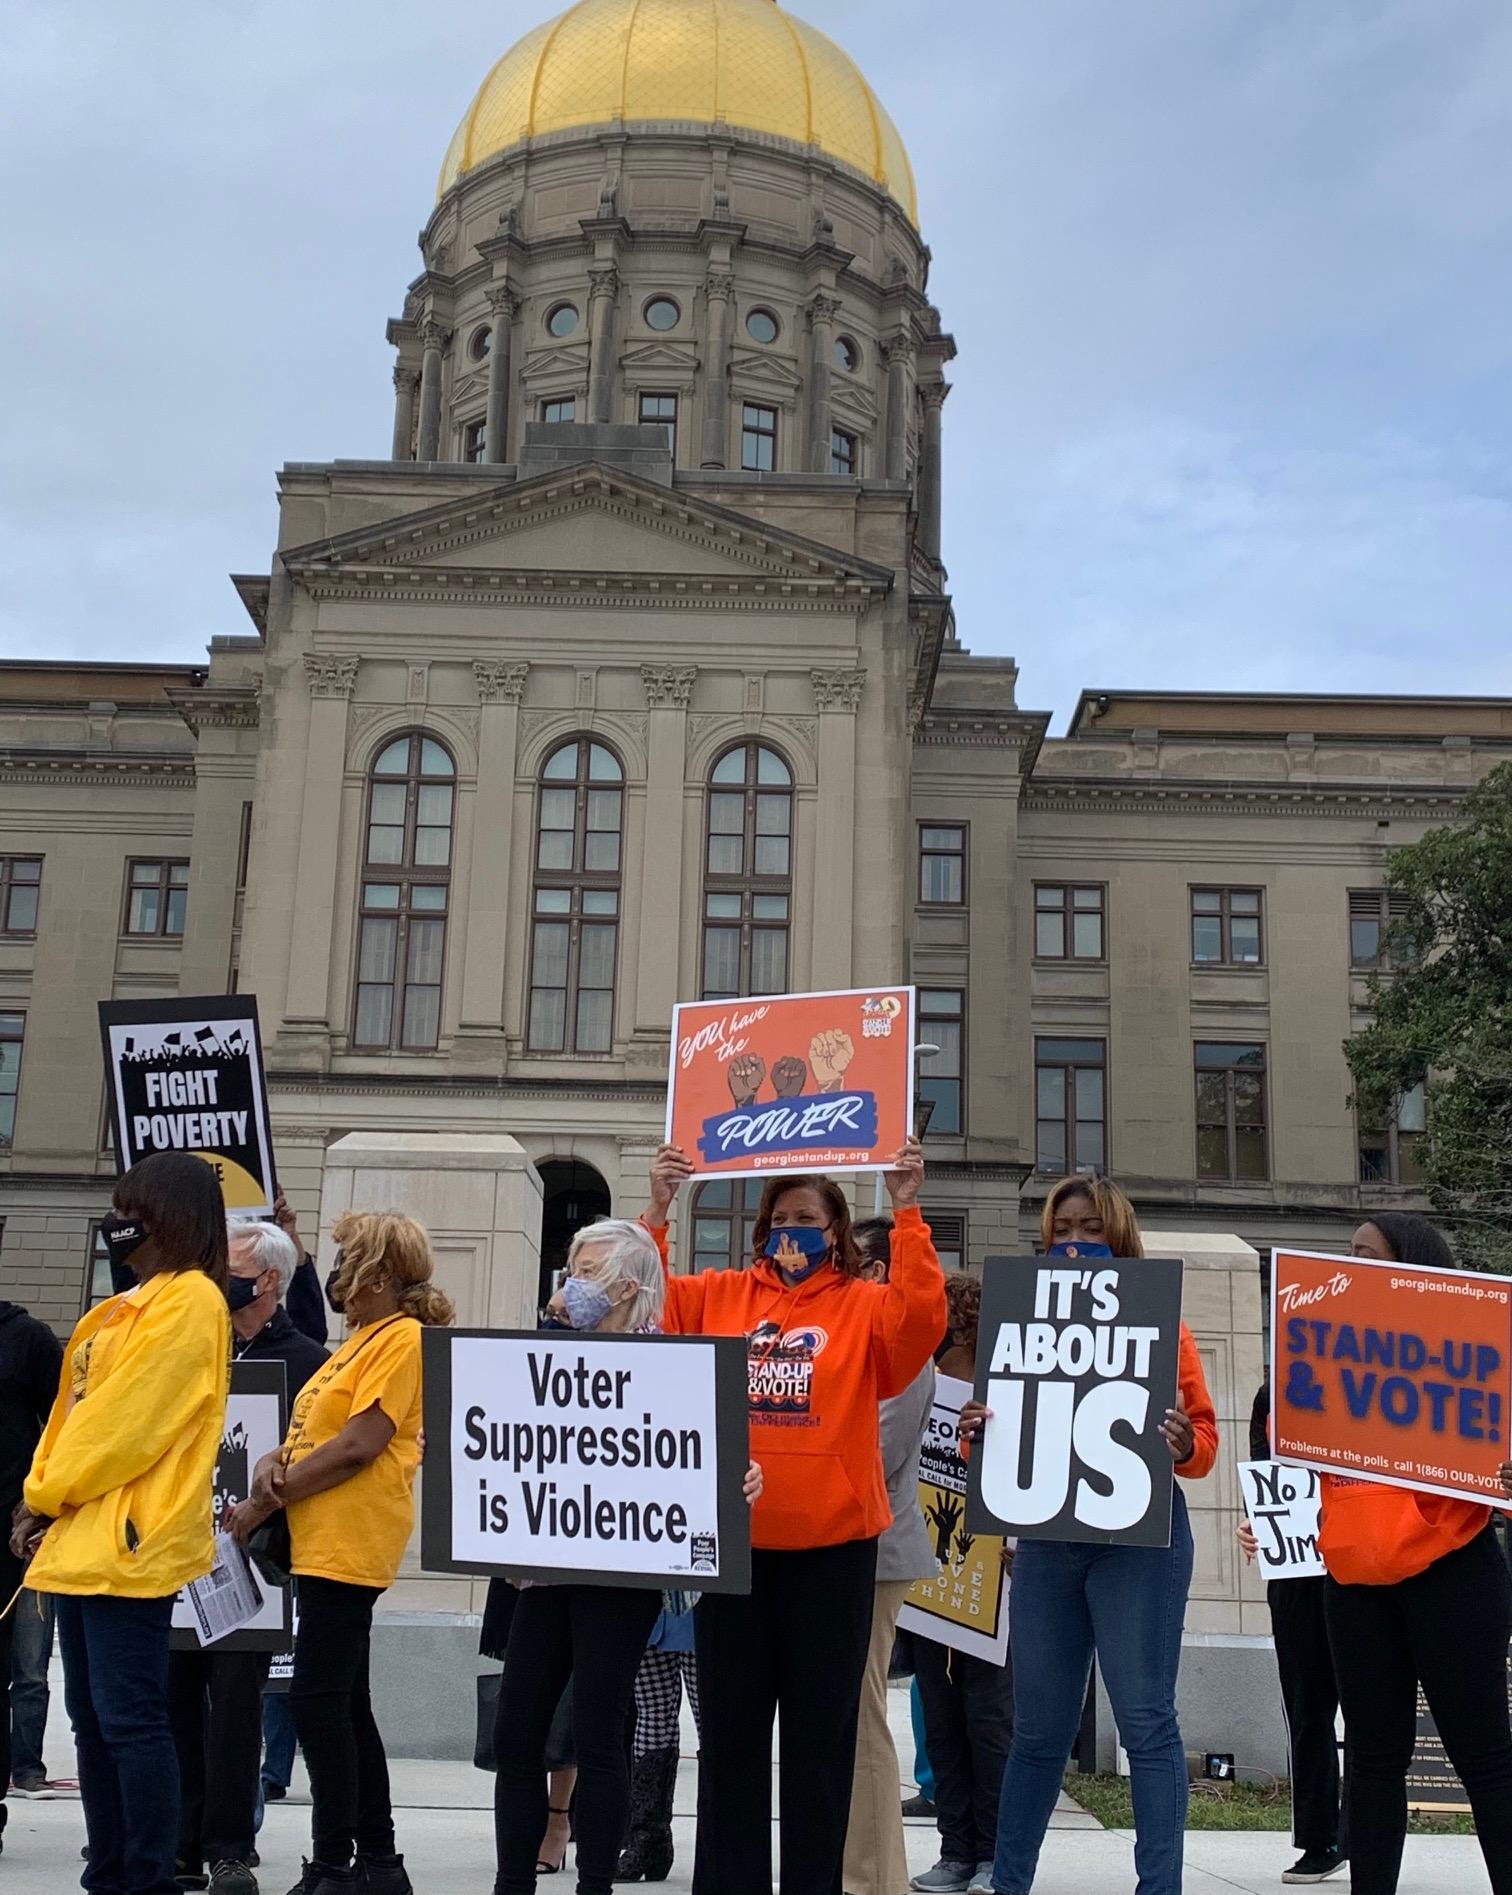 VotingProtest_33